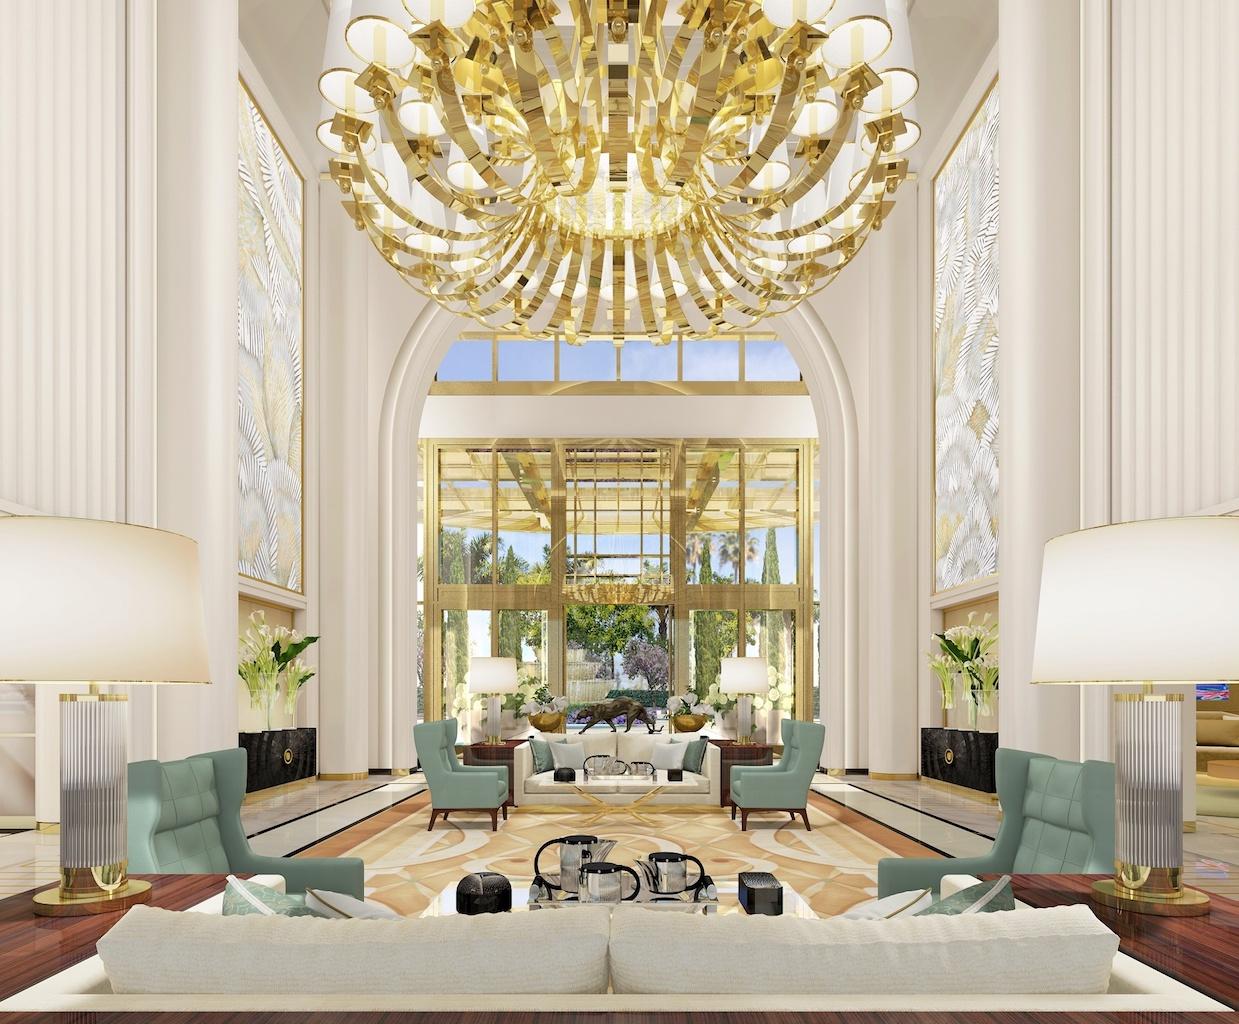 Luxushotel Waldorf Astoria Neueröffnung in Beverly Hills